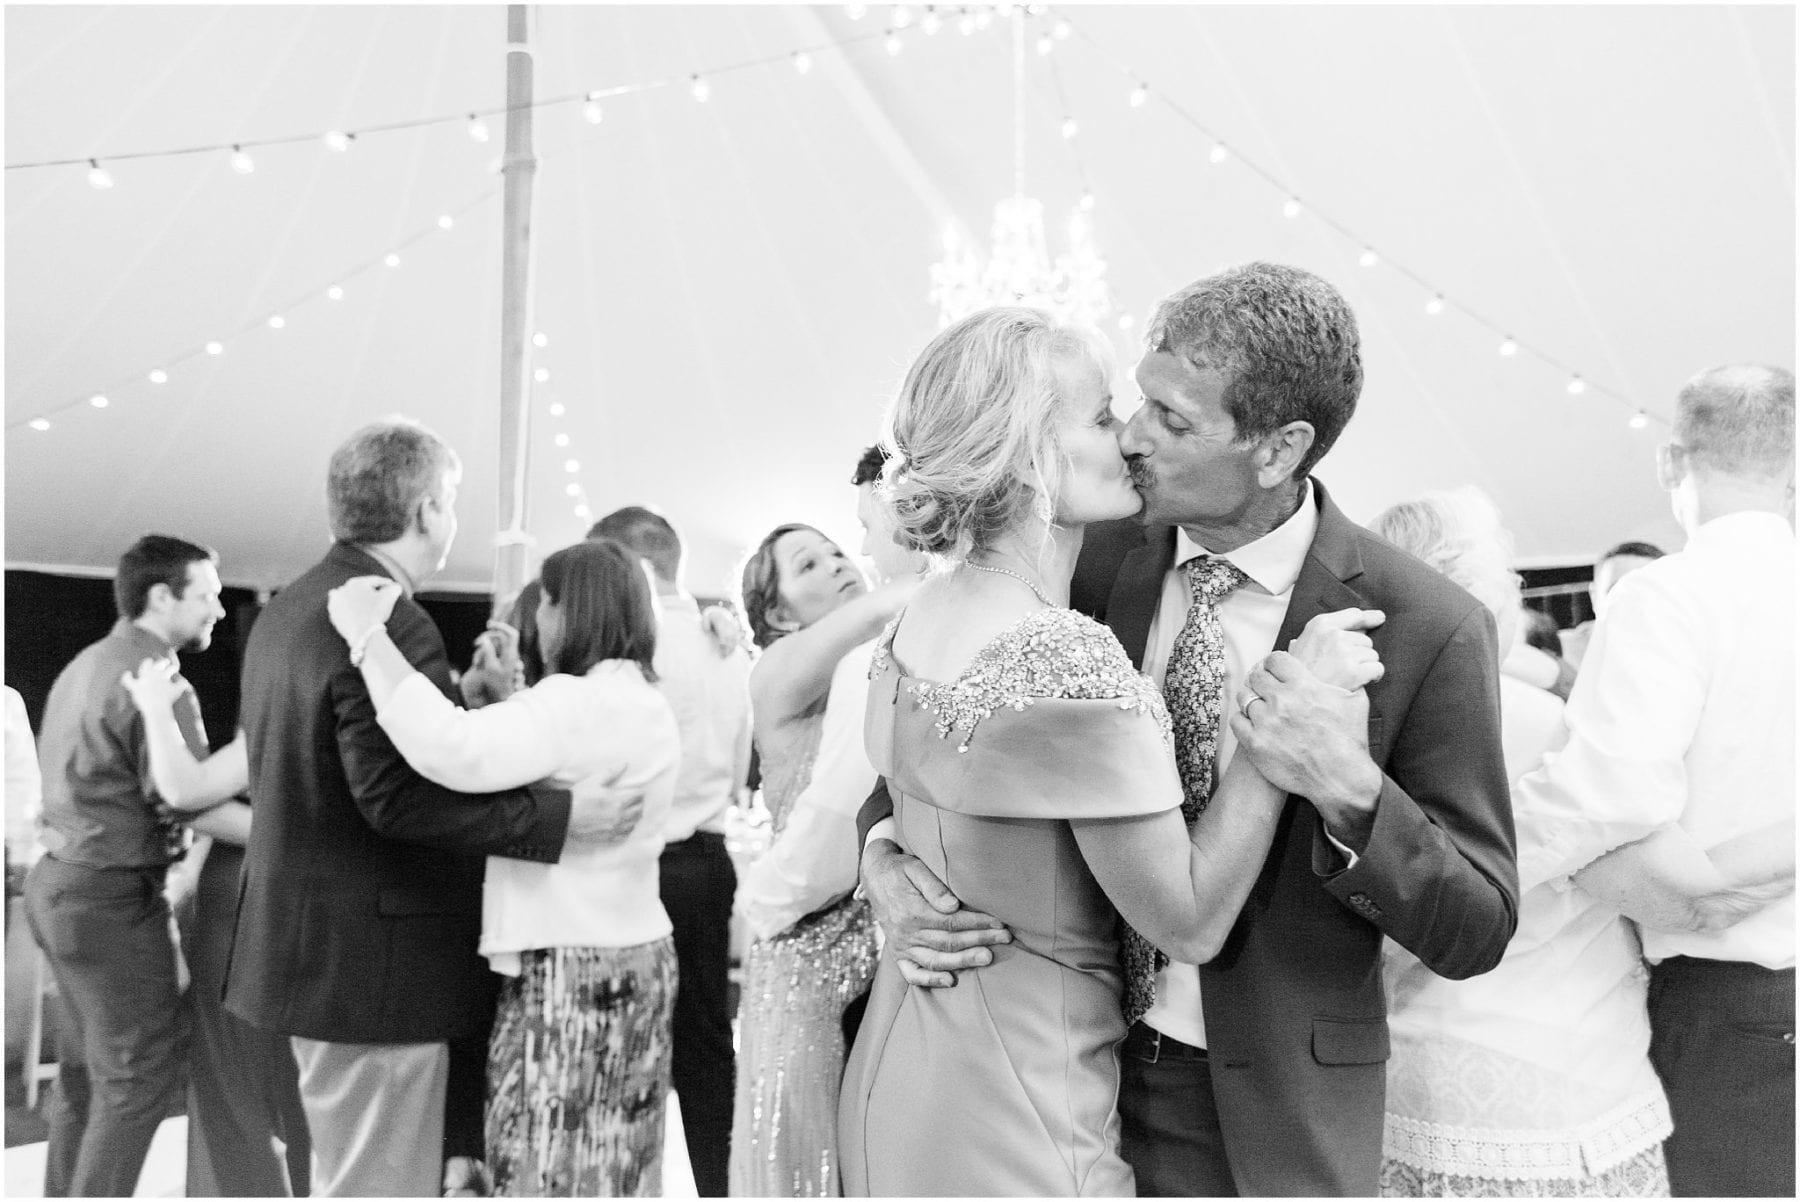 Maryland Backyard Wedding Photos Kelly & Zach Megan Kelsey Photography-327.jpg